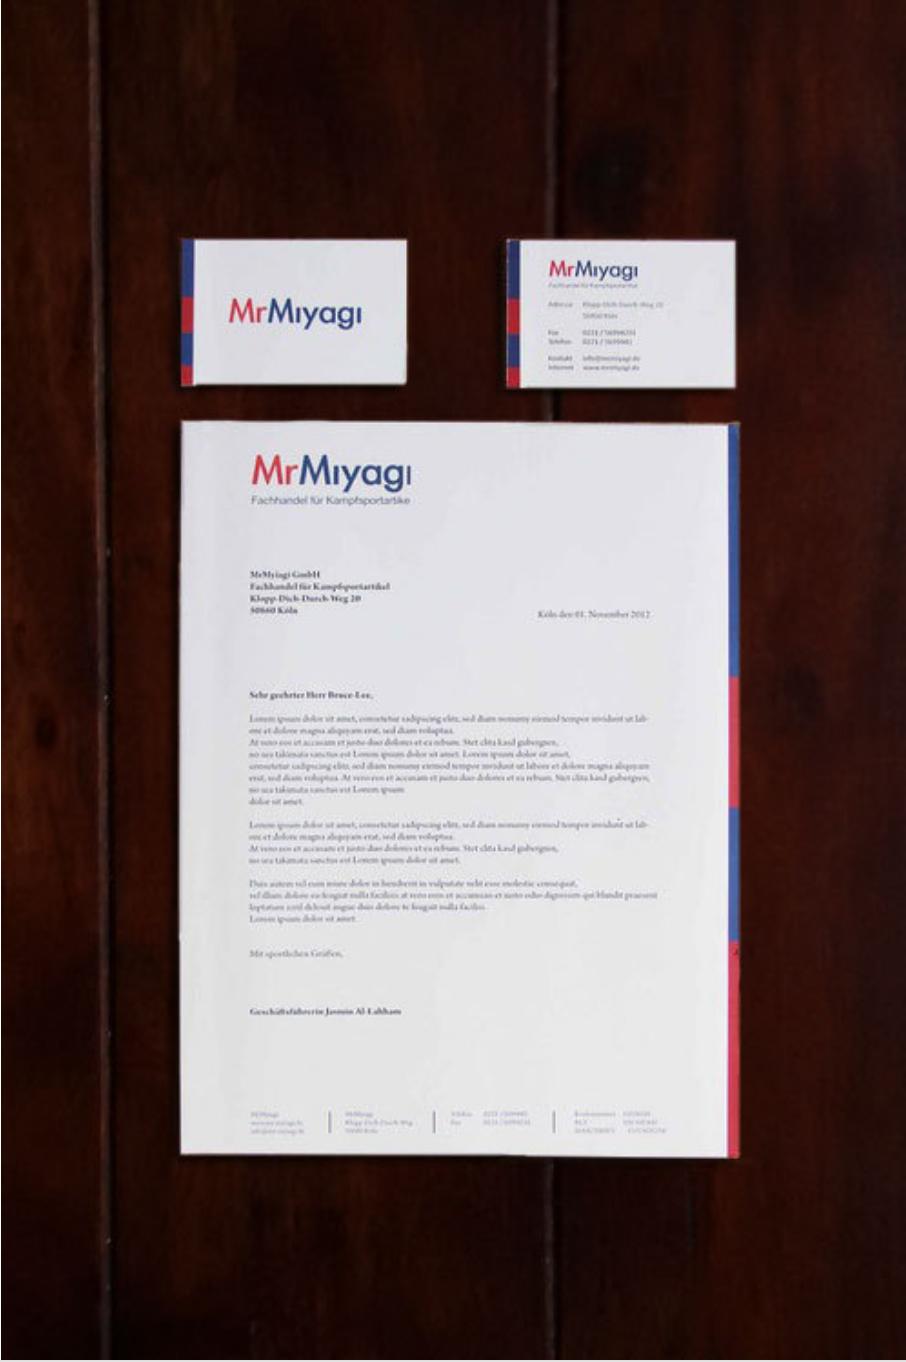 Erstellung einer Scheinfirma in einer Typografie-Lehrveranstaltung, 2012